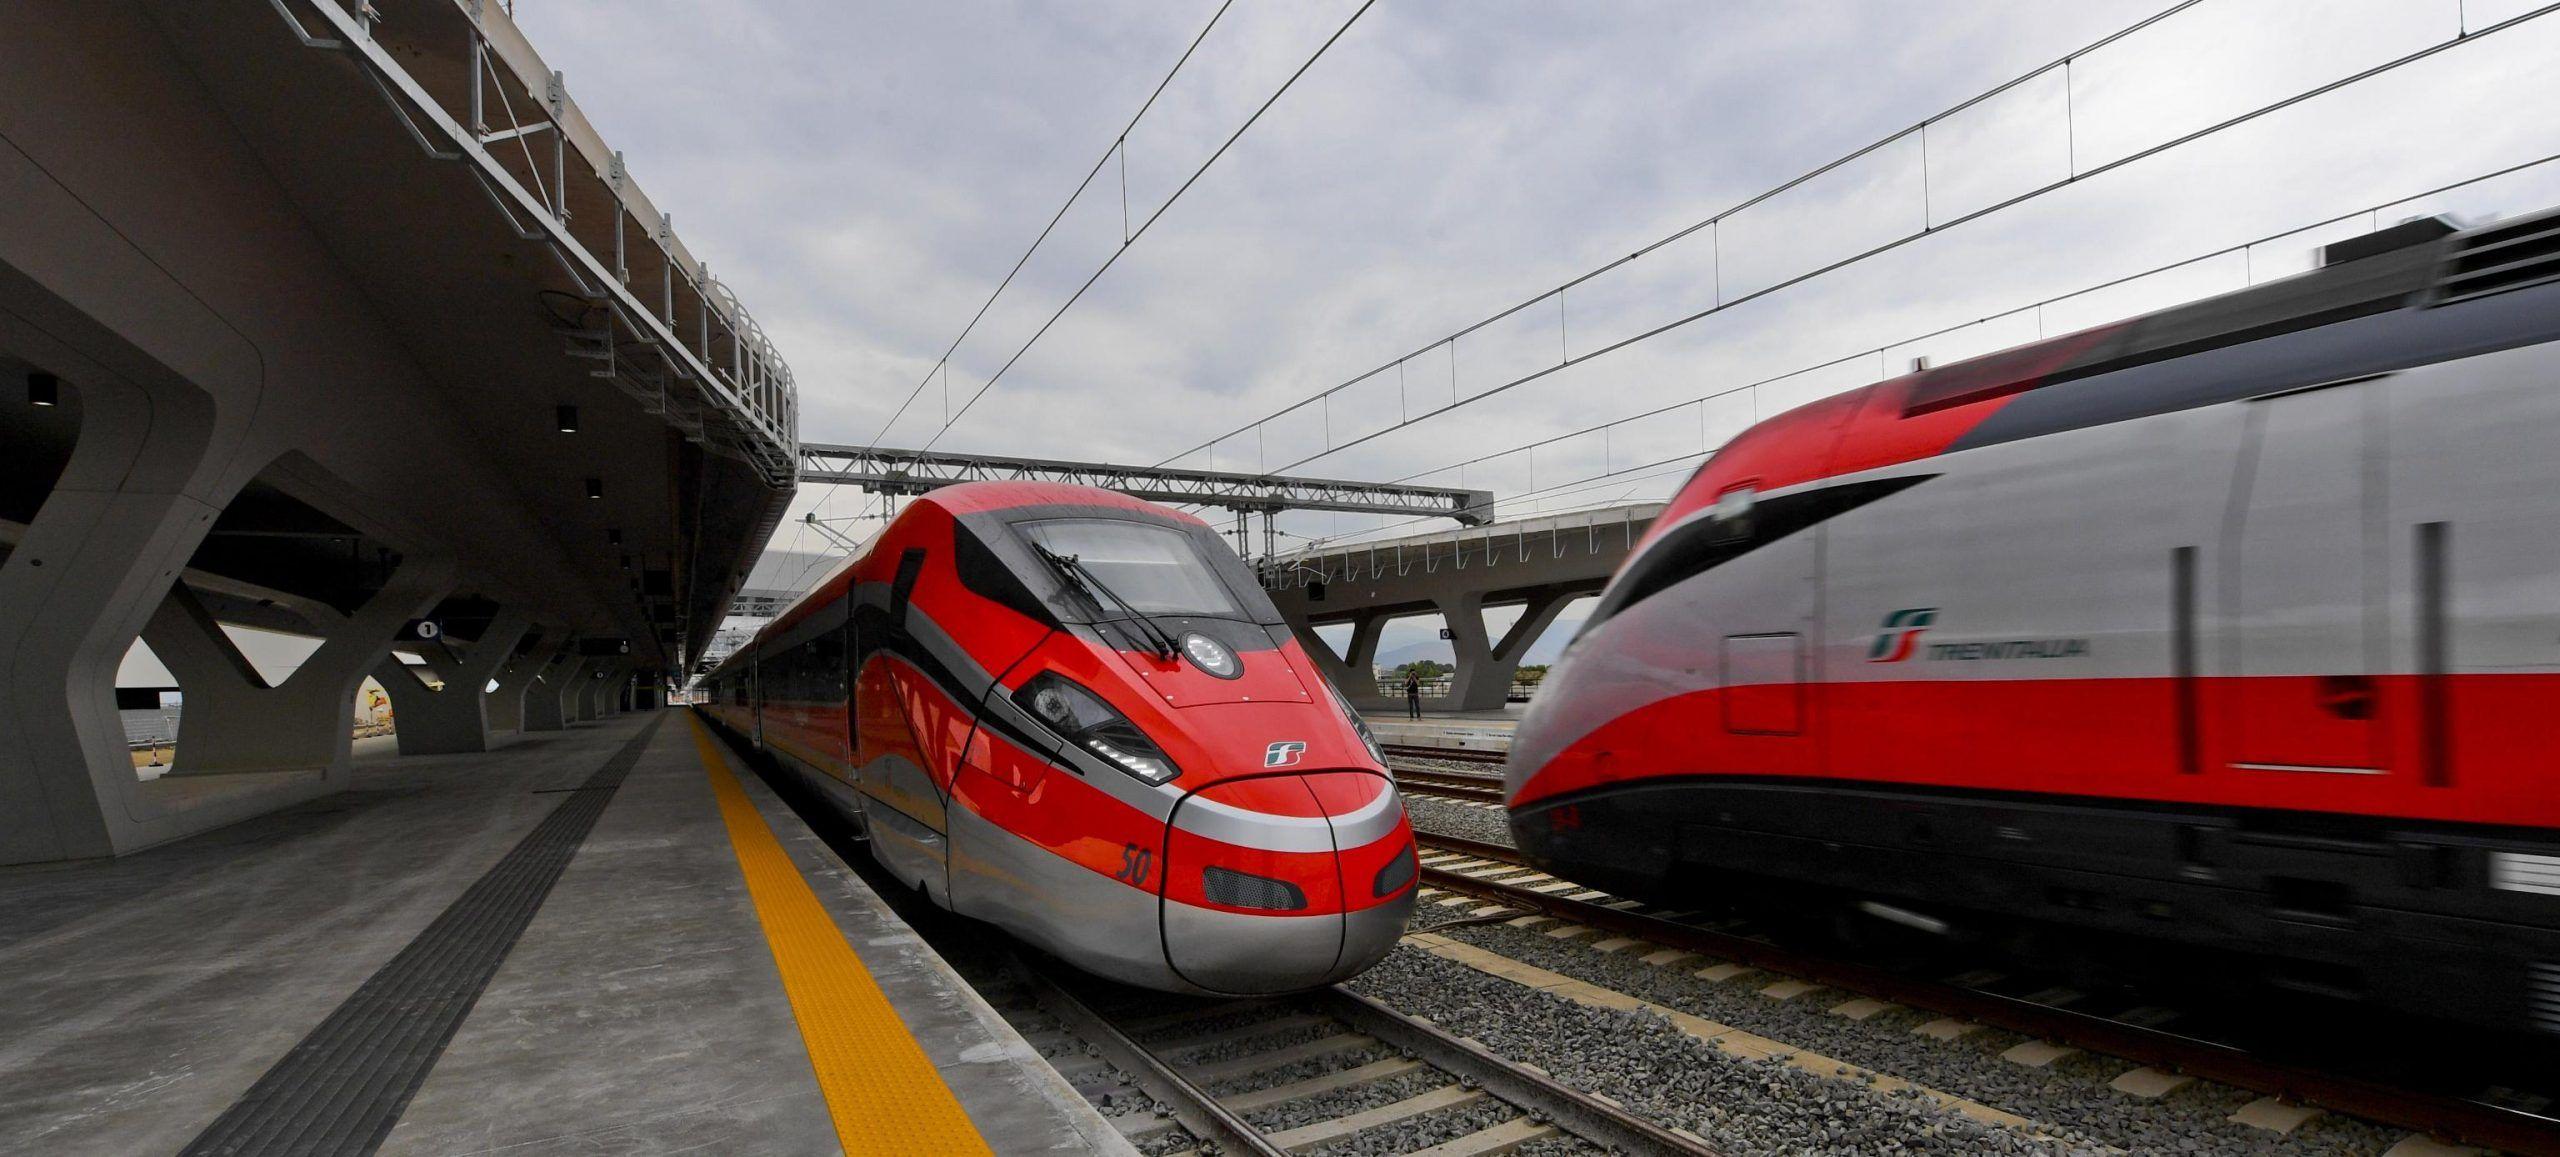 Sciopero Trenitalia 15 e 16 giugno 2017, orari e servizi garantiti